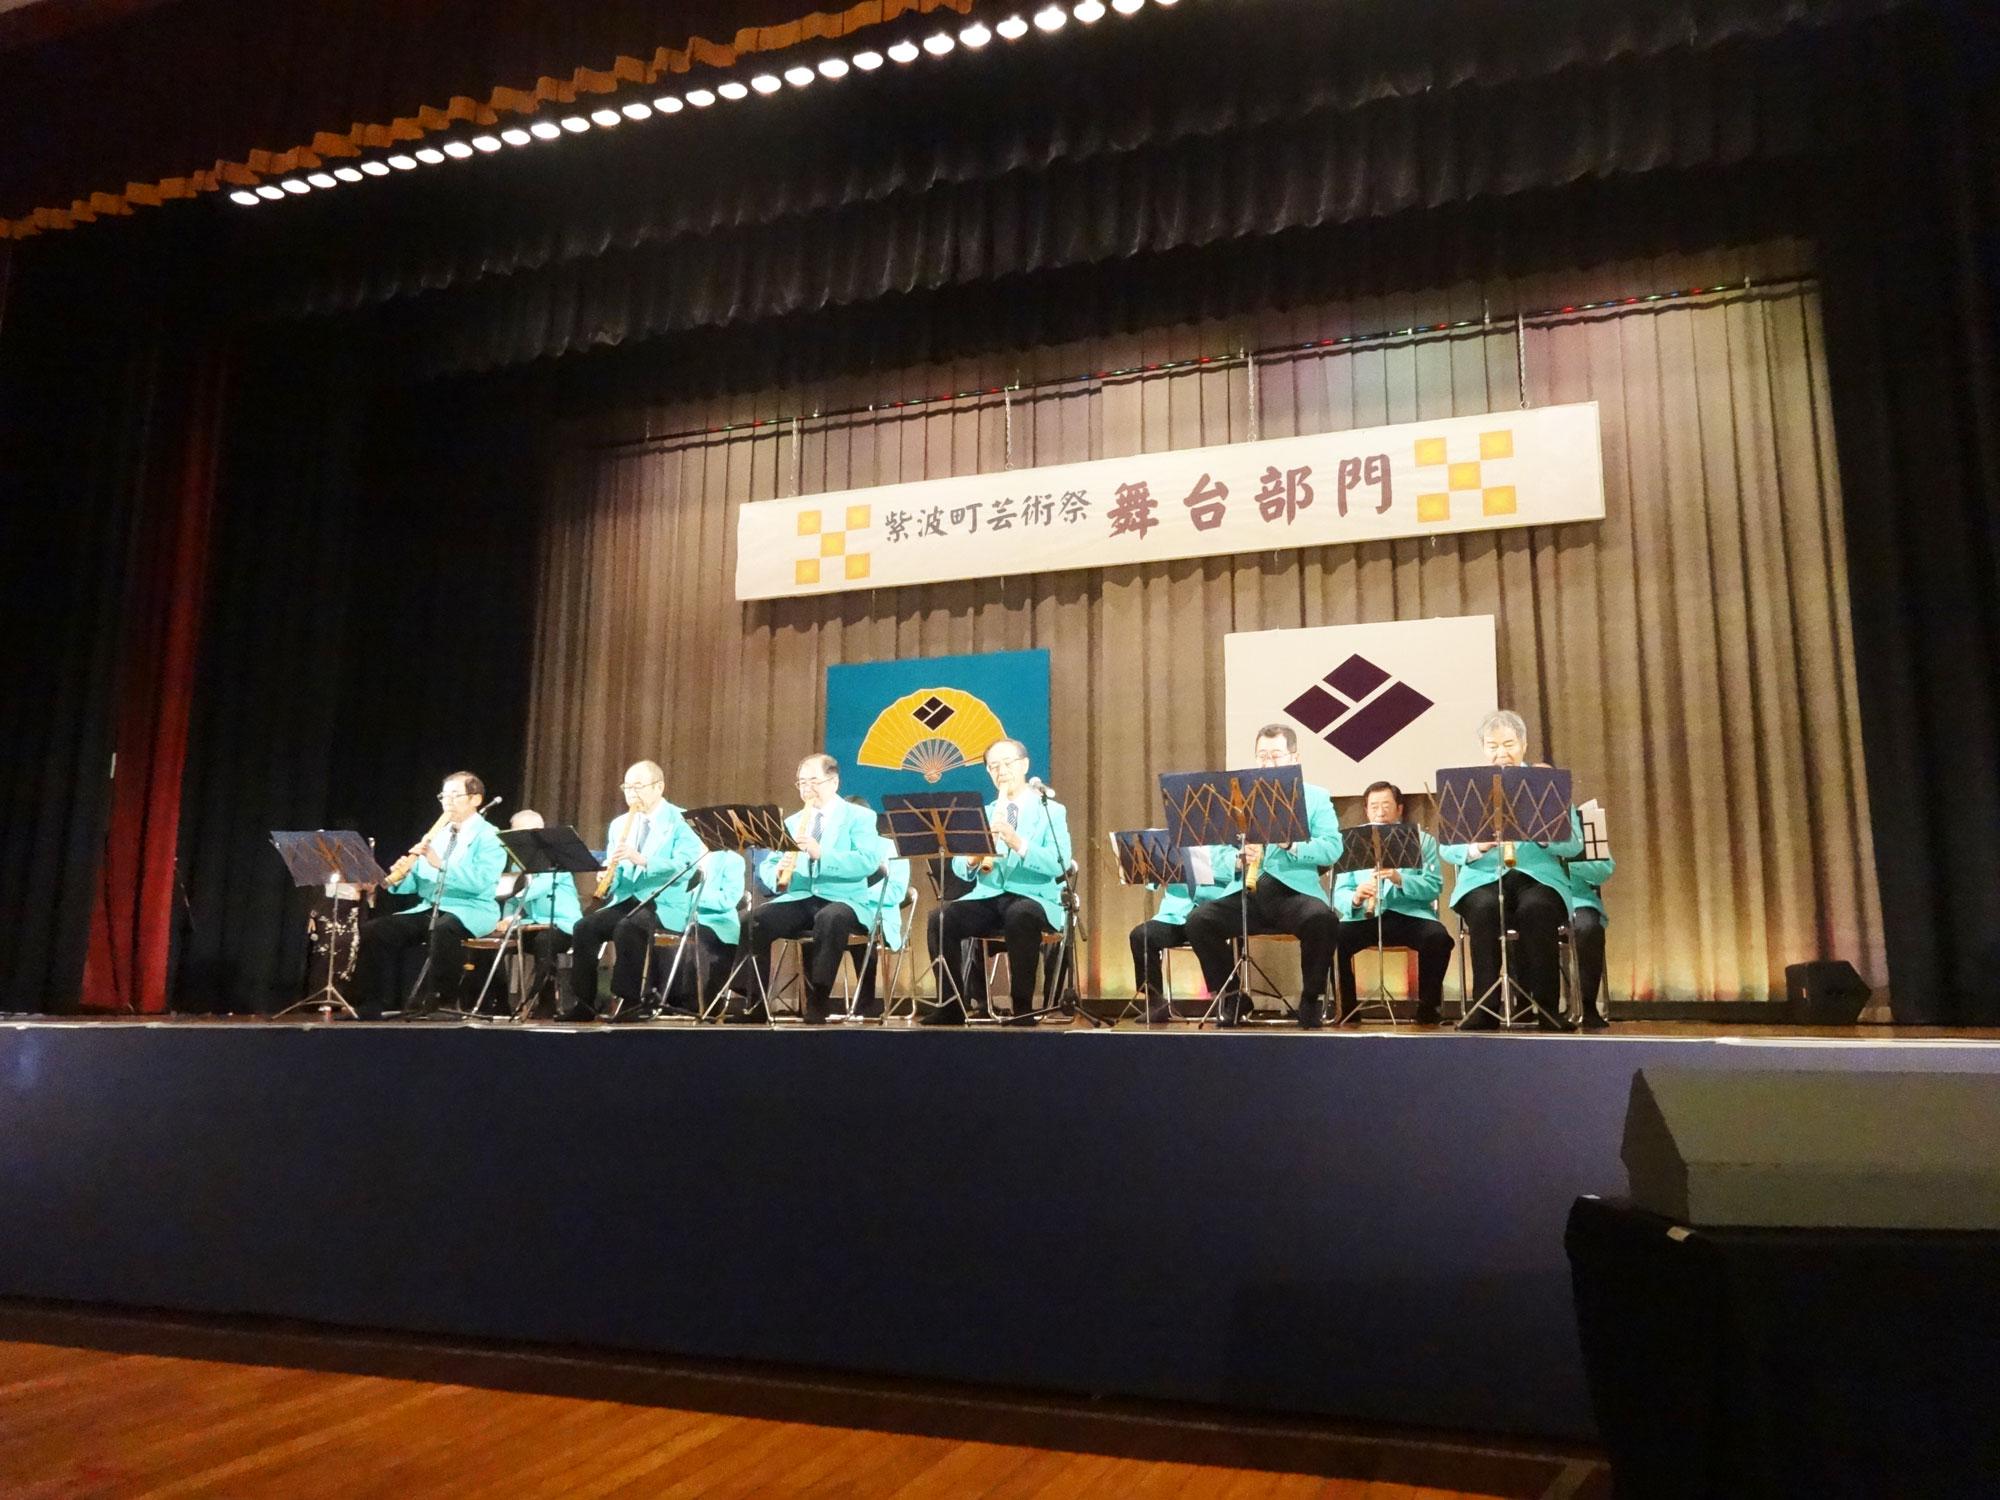 平成30年度第52回紫波町芸術祭で尺八演奏